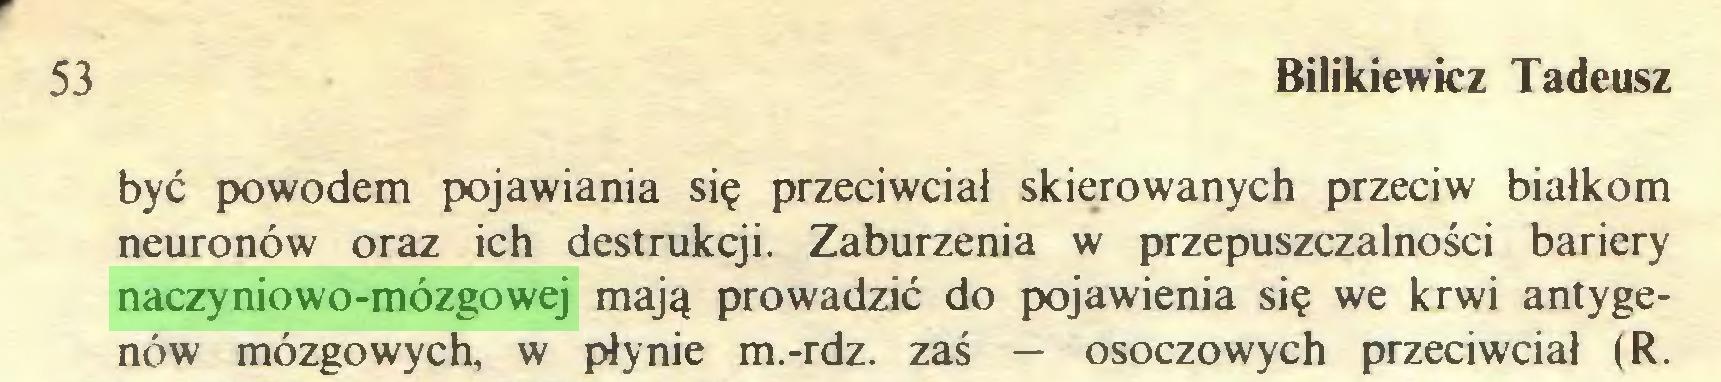 (...) 53 Bilikiewicz Tadeusz być powodem pojawiania się przeciwciał skierowanych przeciw białkom neuronów oraz ich destrukcji. Zaburzenia w przepuszczalności bariery naczyniowo-mózgowej mają prowadzić do pojawienia się we krwi antygenów mózgowych, w płynie m.-rdz. zaś — osoczowych przeciwciał (R...